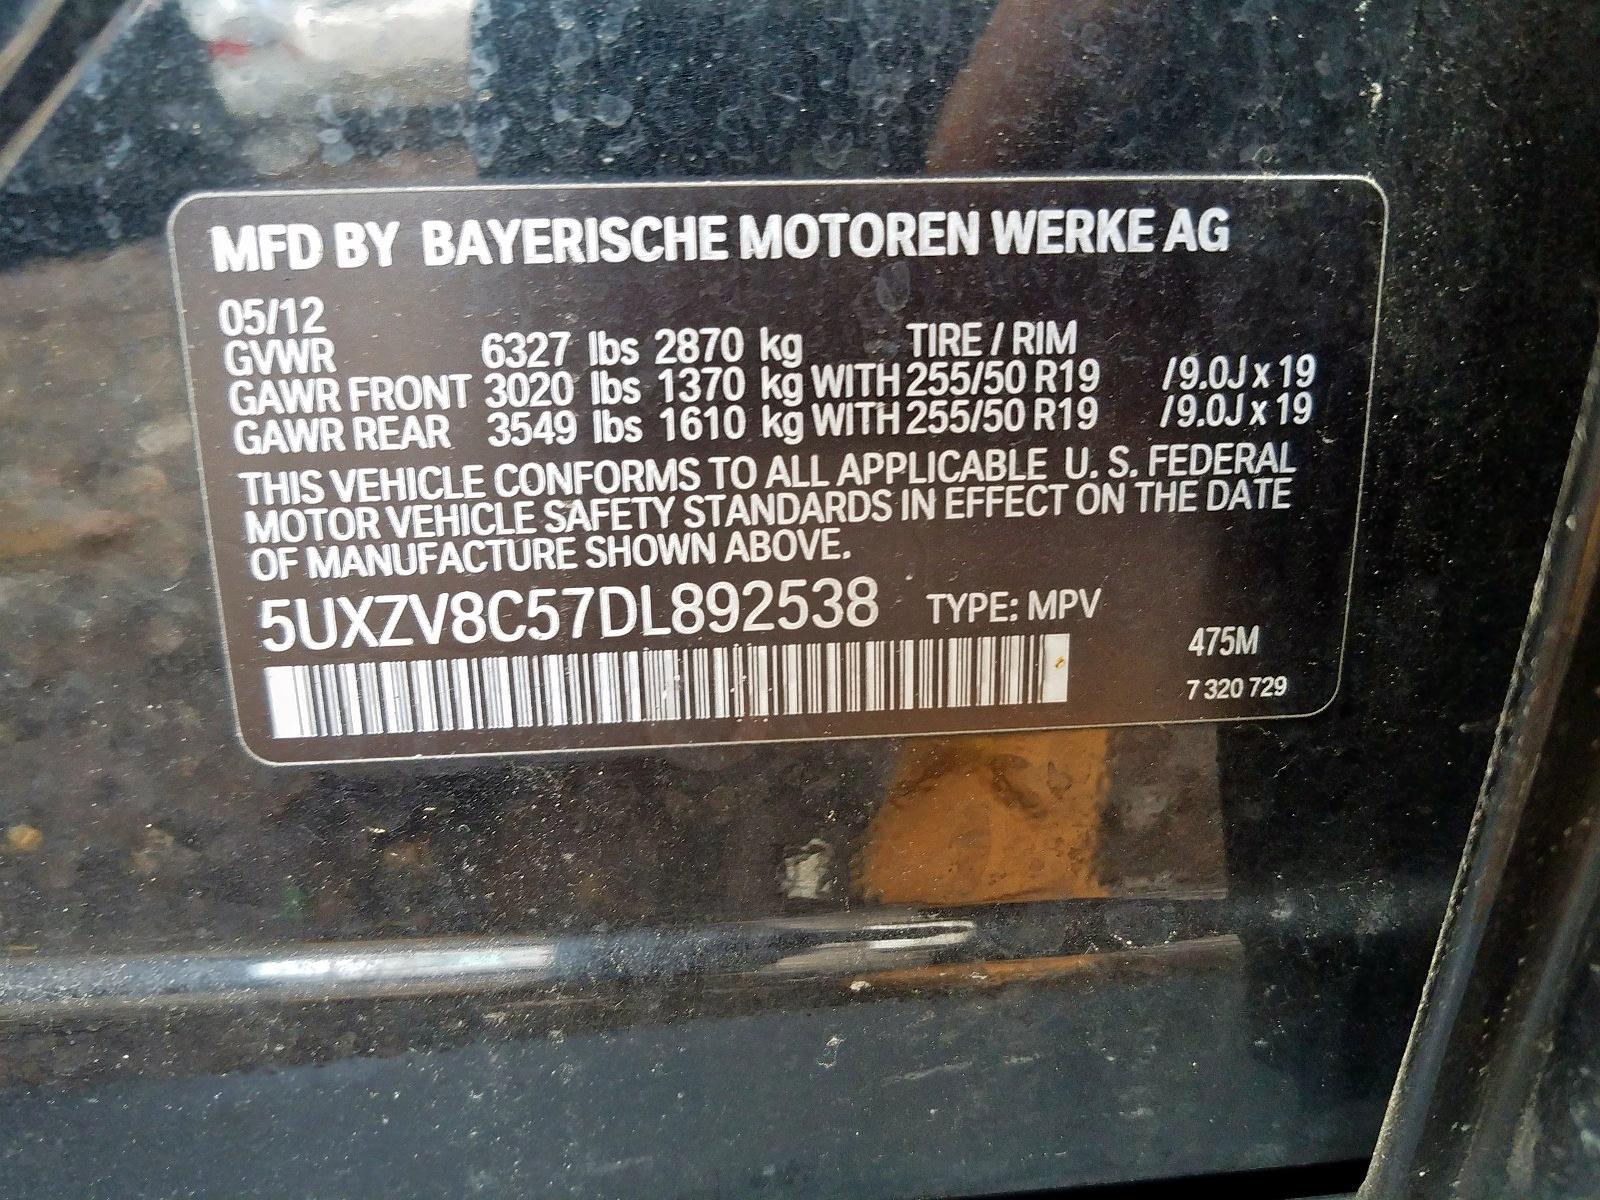 2013 Bmw X5 Xdrive5 4.4L